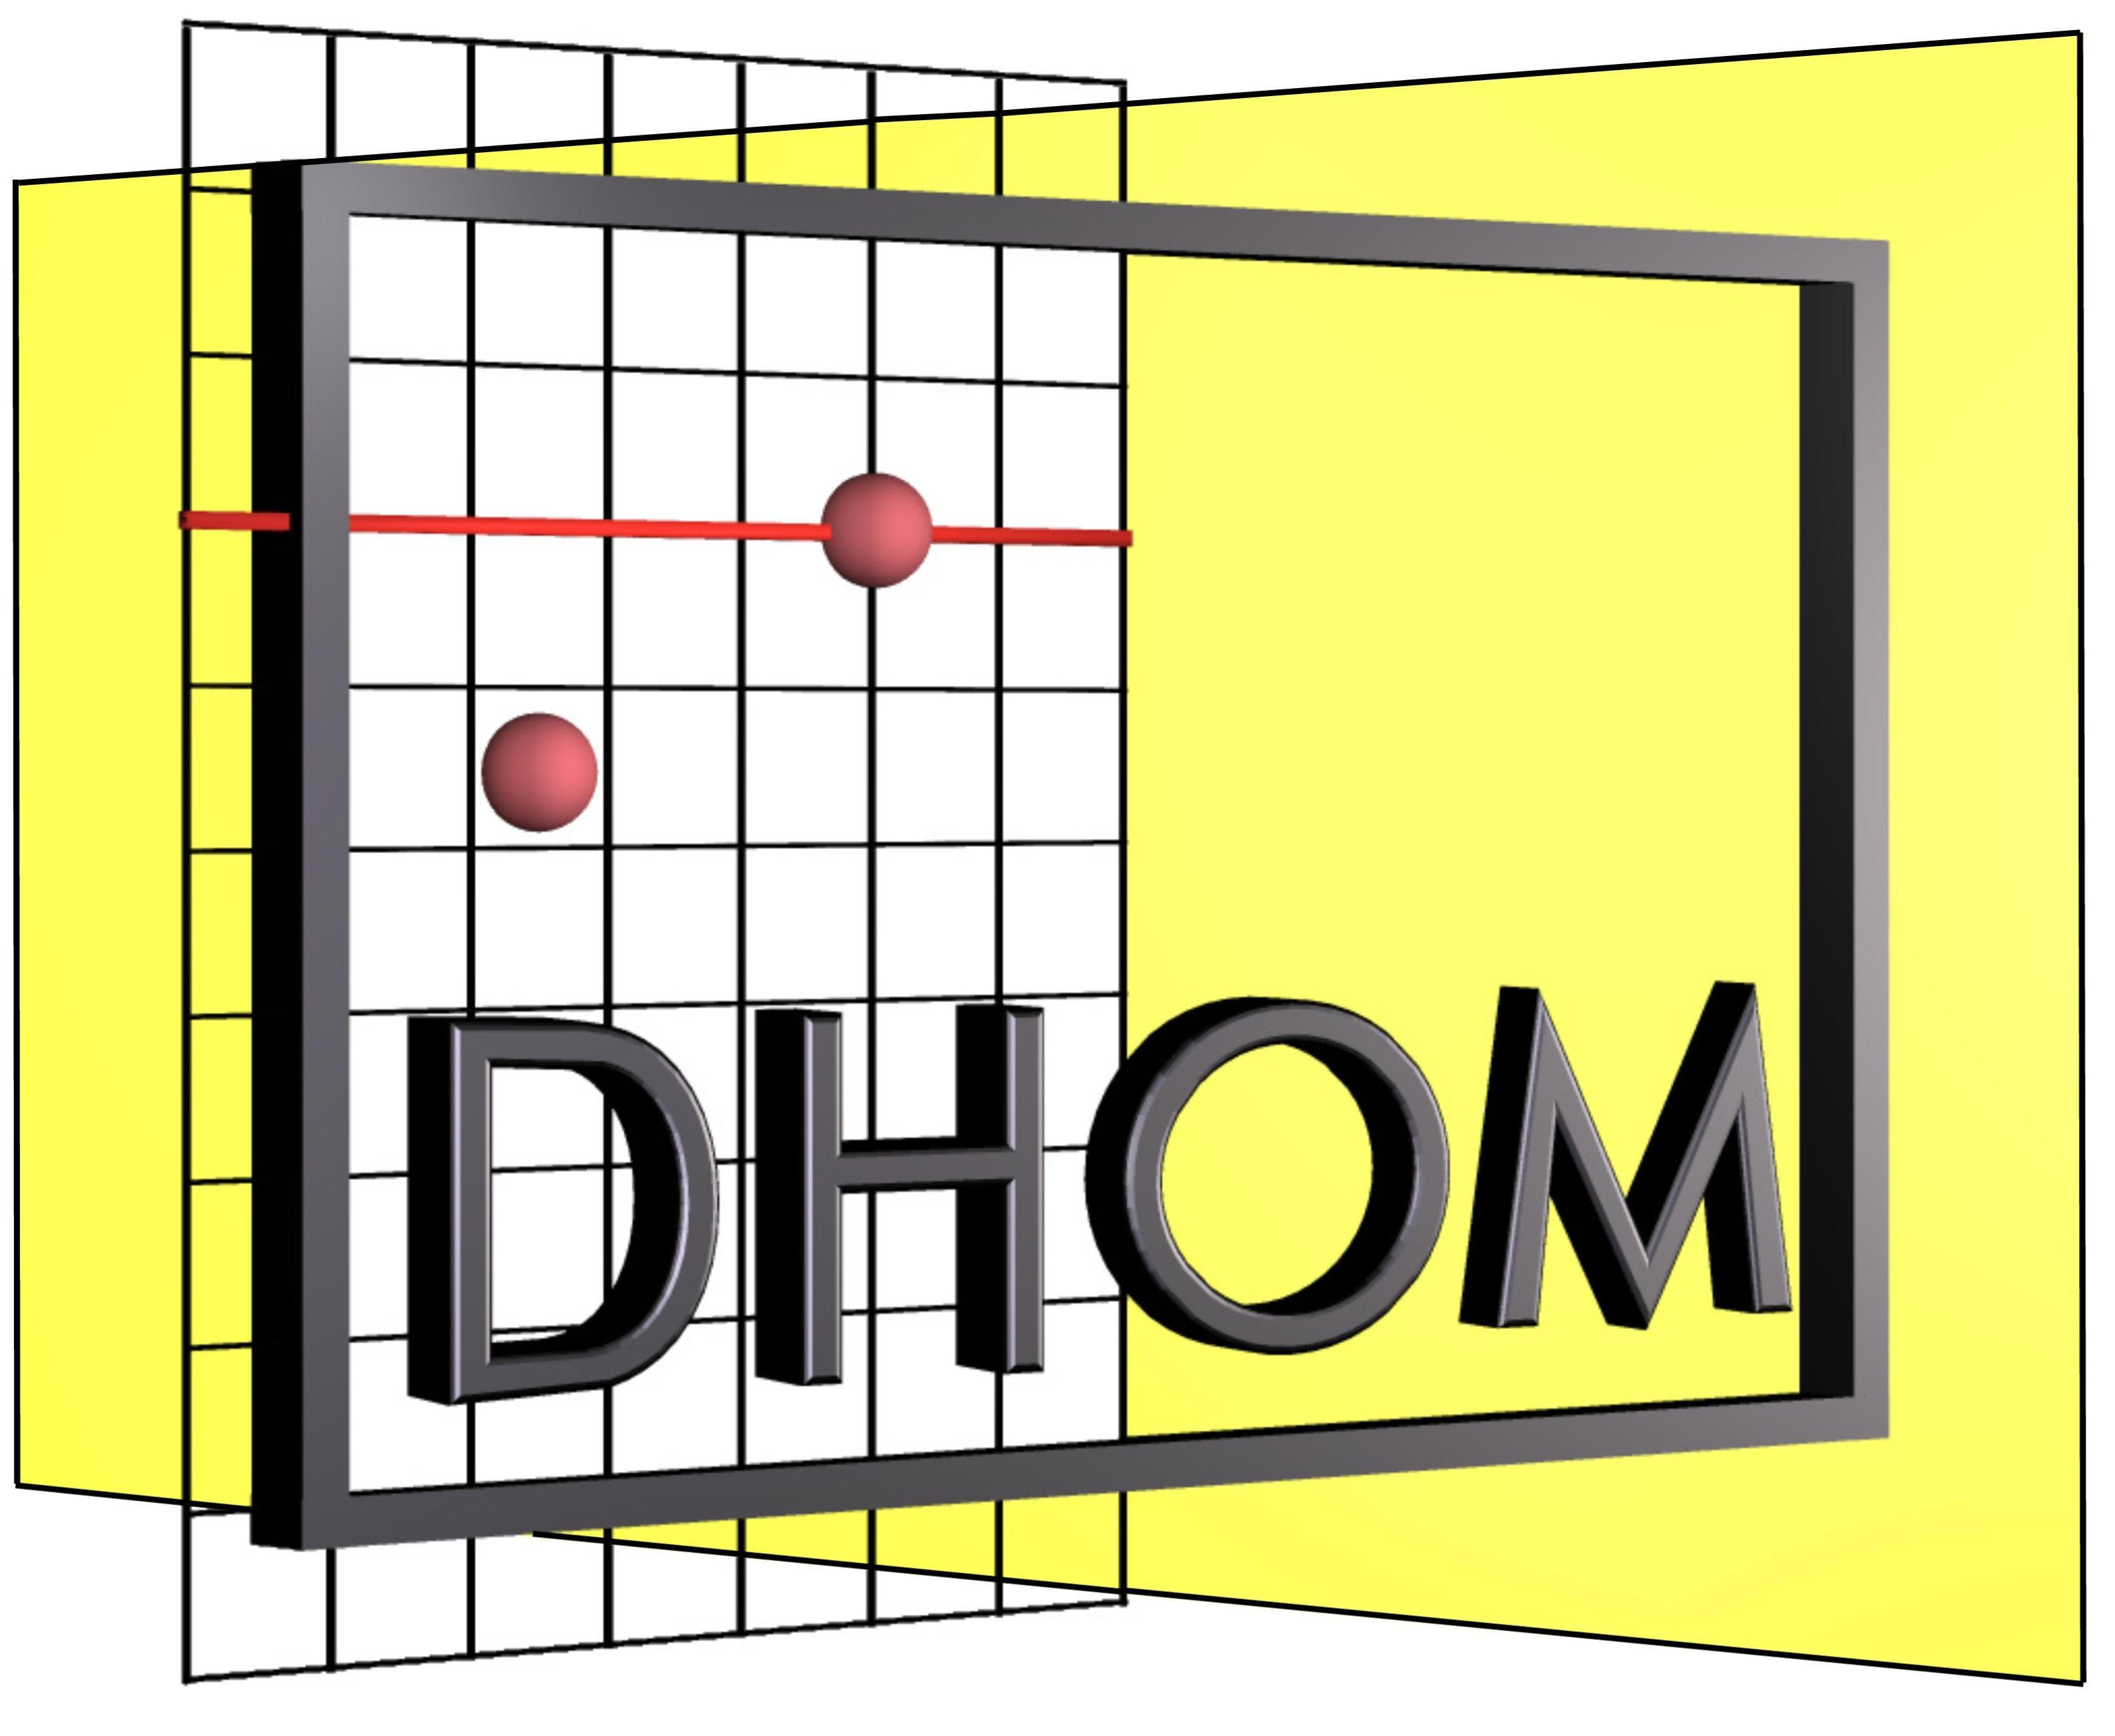 Vermessungsbüro Dipl. Ing. Alois Dhom in Mainz